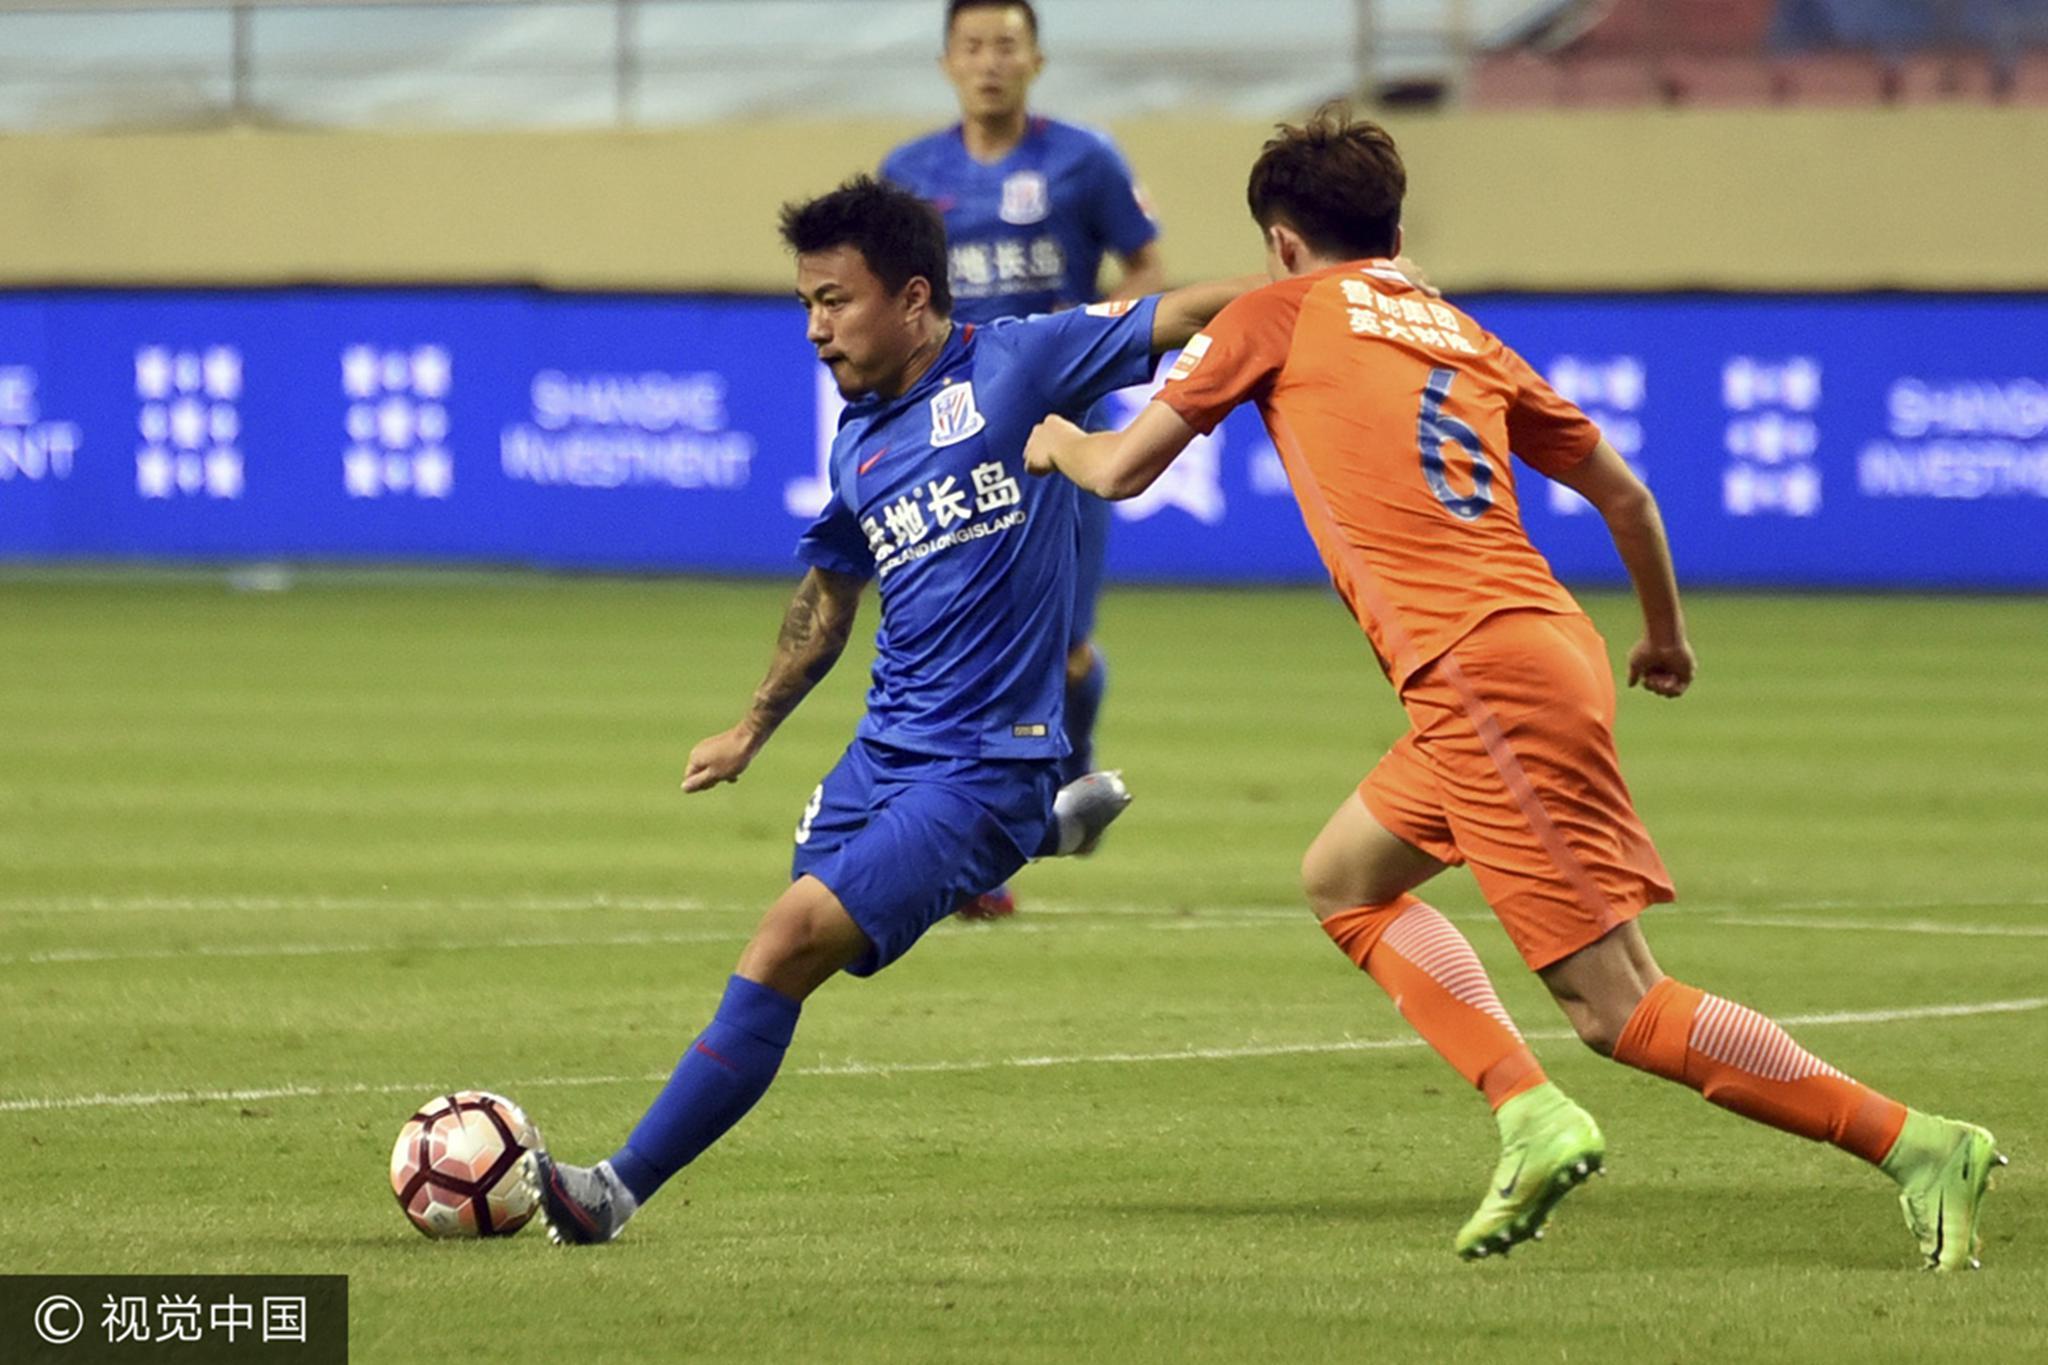 高清:鲁能补赛0-0战平申花 王大雷扑倒莫雷诺